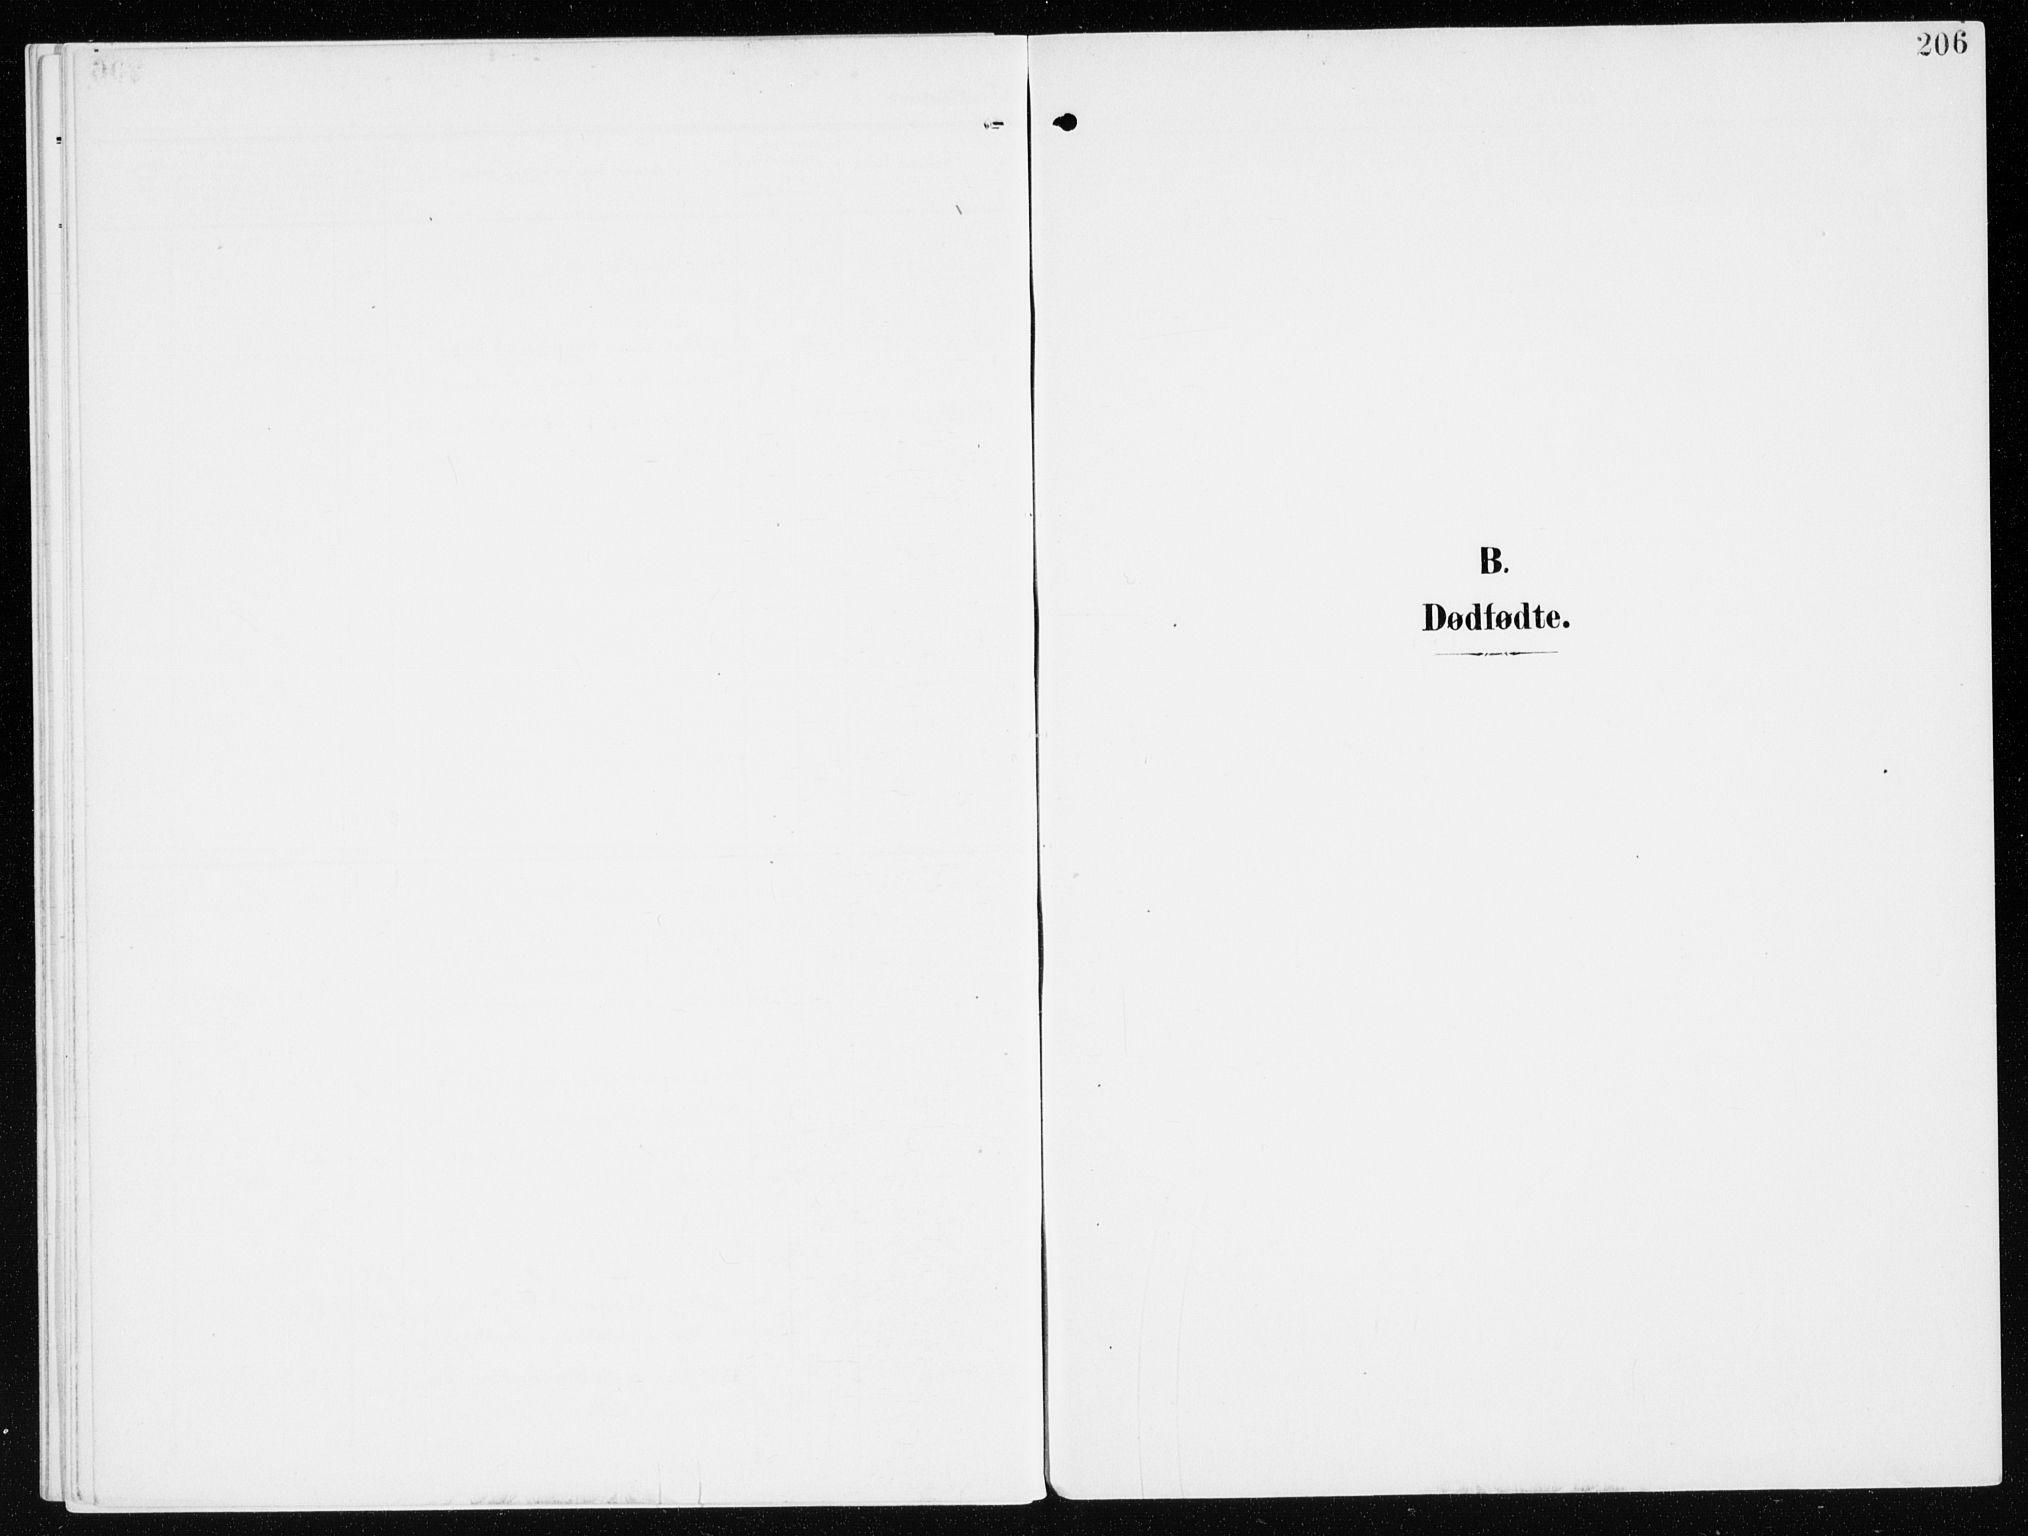 SAH, Furnes sokneprestkontor, K/Ka/L0001: Ministerialbok nr. 1, 1907-1935, s. 206